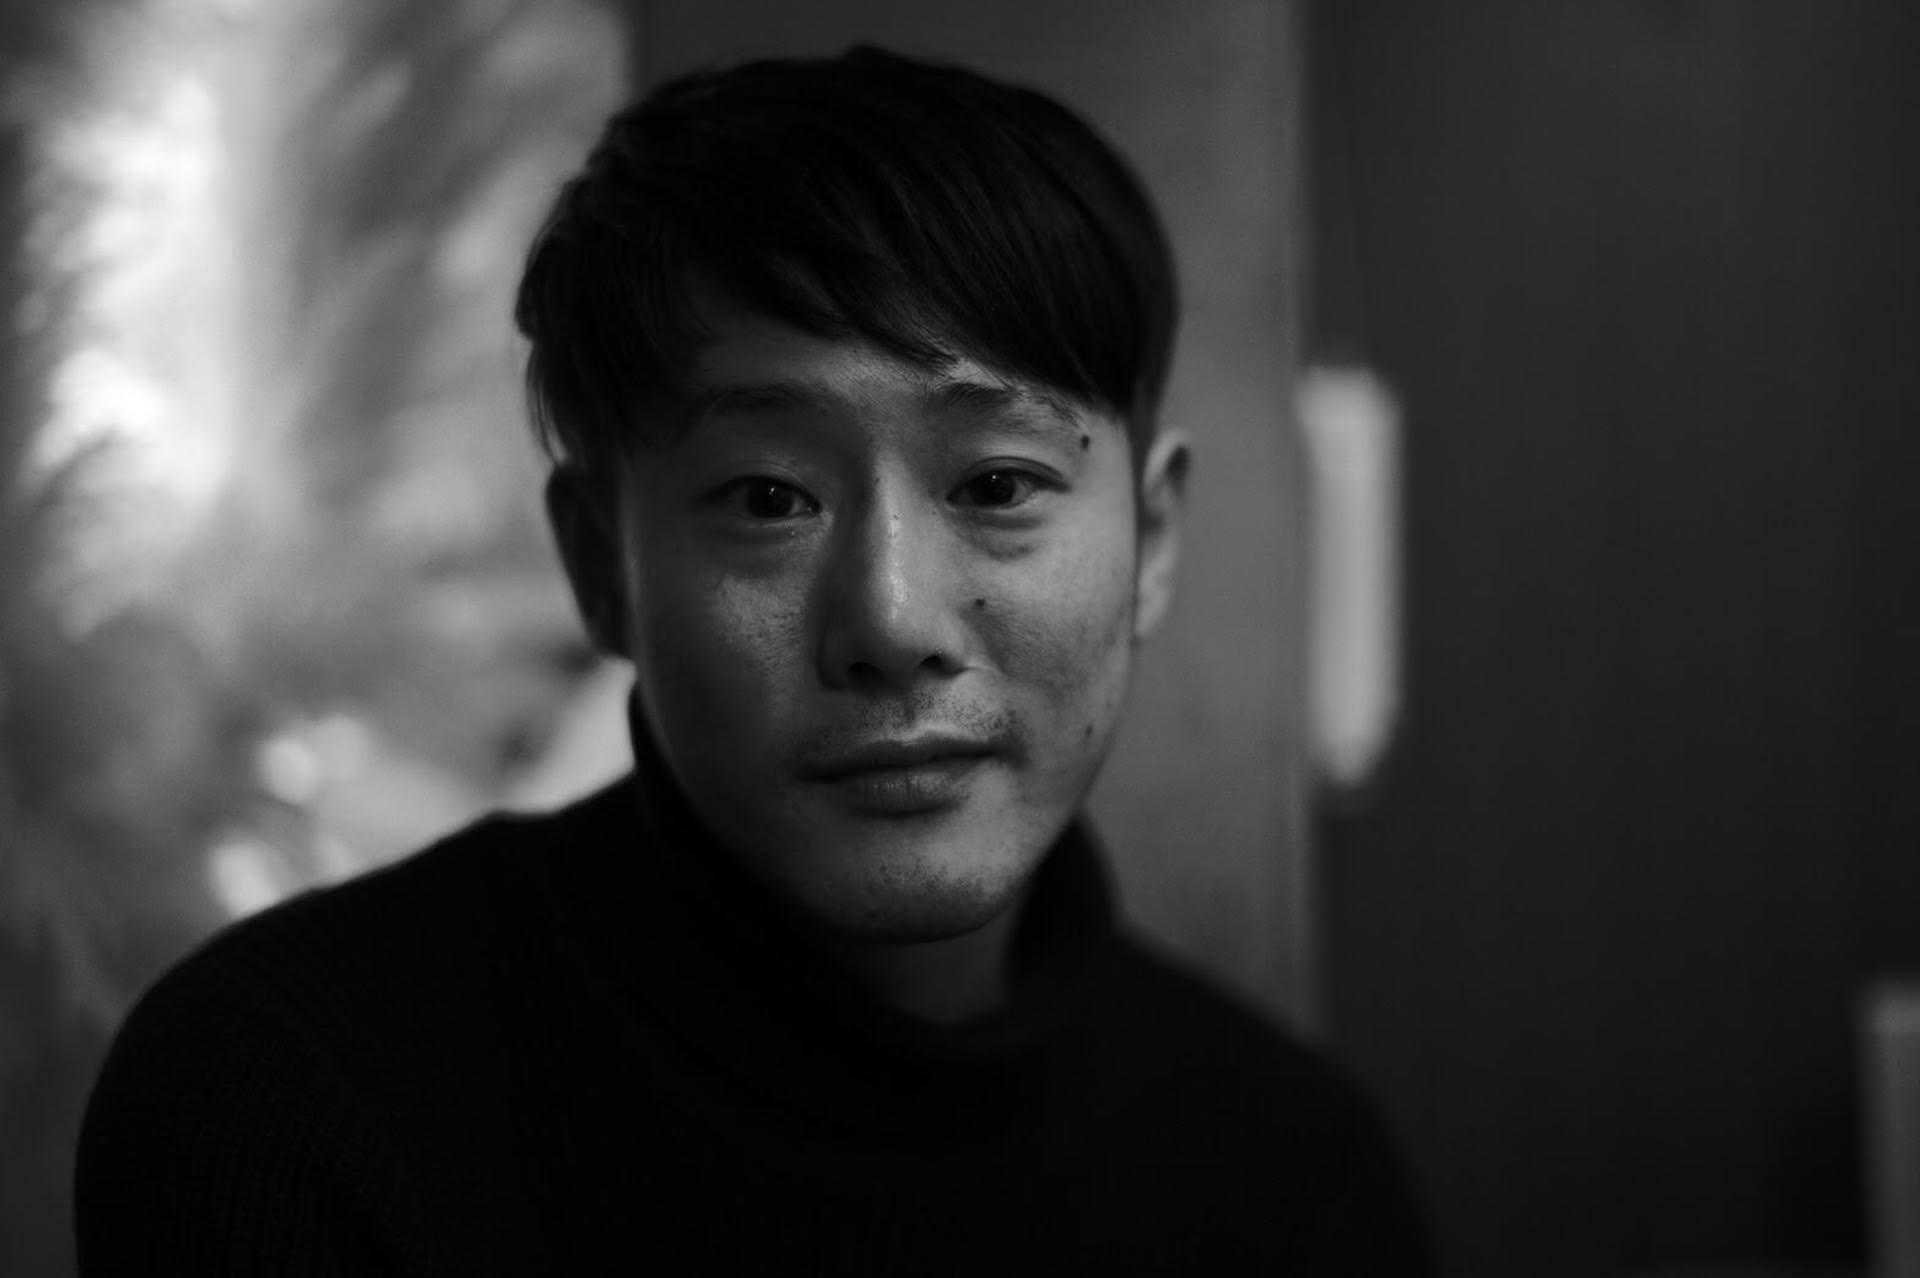 藤井道人監督が最新作『宇宙でいちばんあかるい屋根』に込めた願い「周りの人を理解できる世の中に」 interview200821_fujiimichihito_1